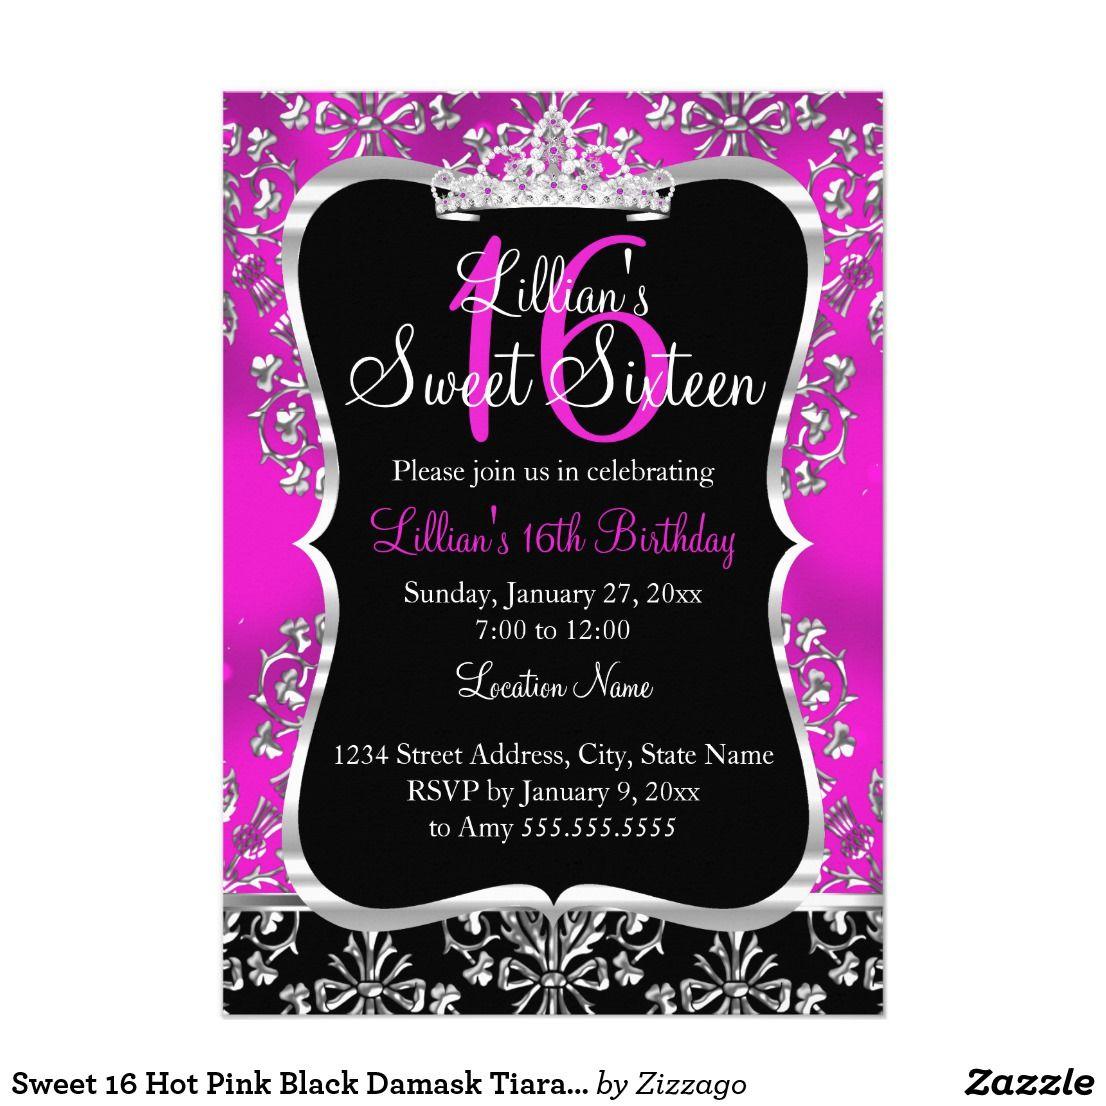 Sweet 16 Hot Pink Black Damask Tiara Invitation   Sweet 16, Sweet 16 ...